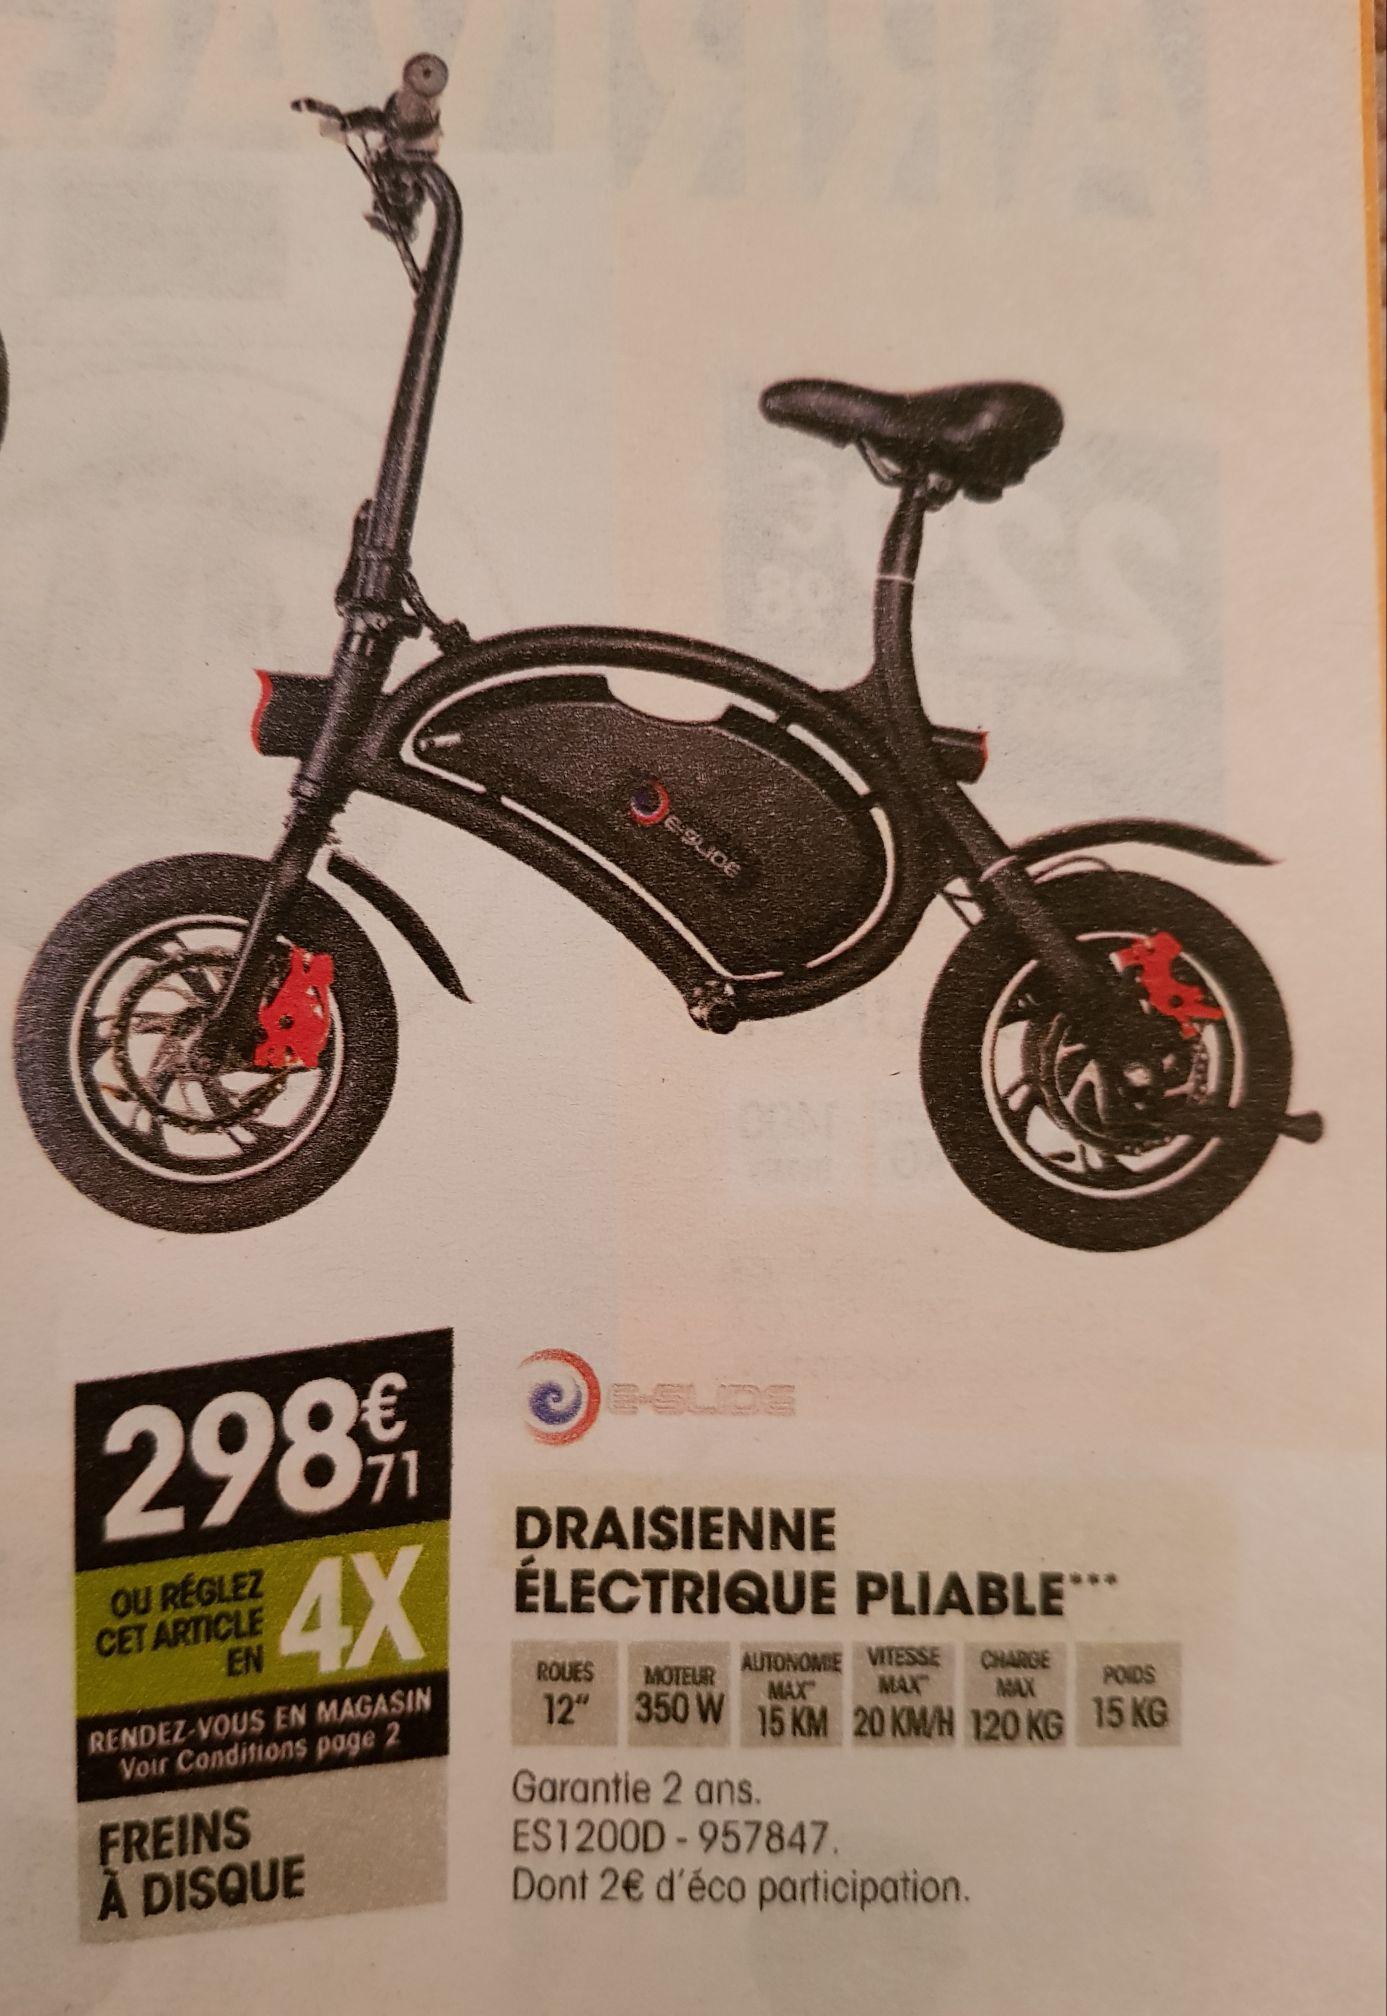 Draisienne Electrique Pliable E-Glide ES1200D - 350W